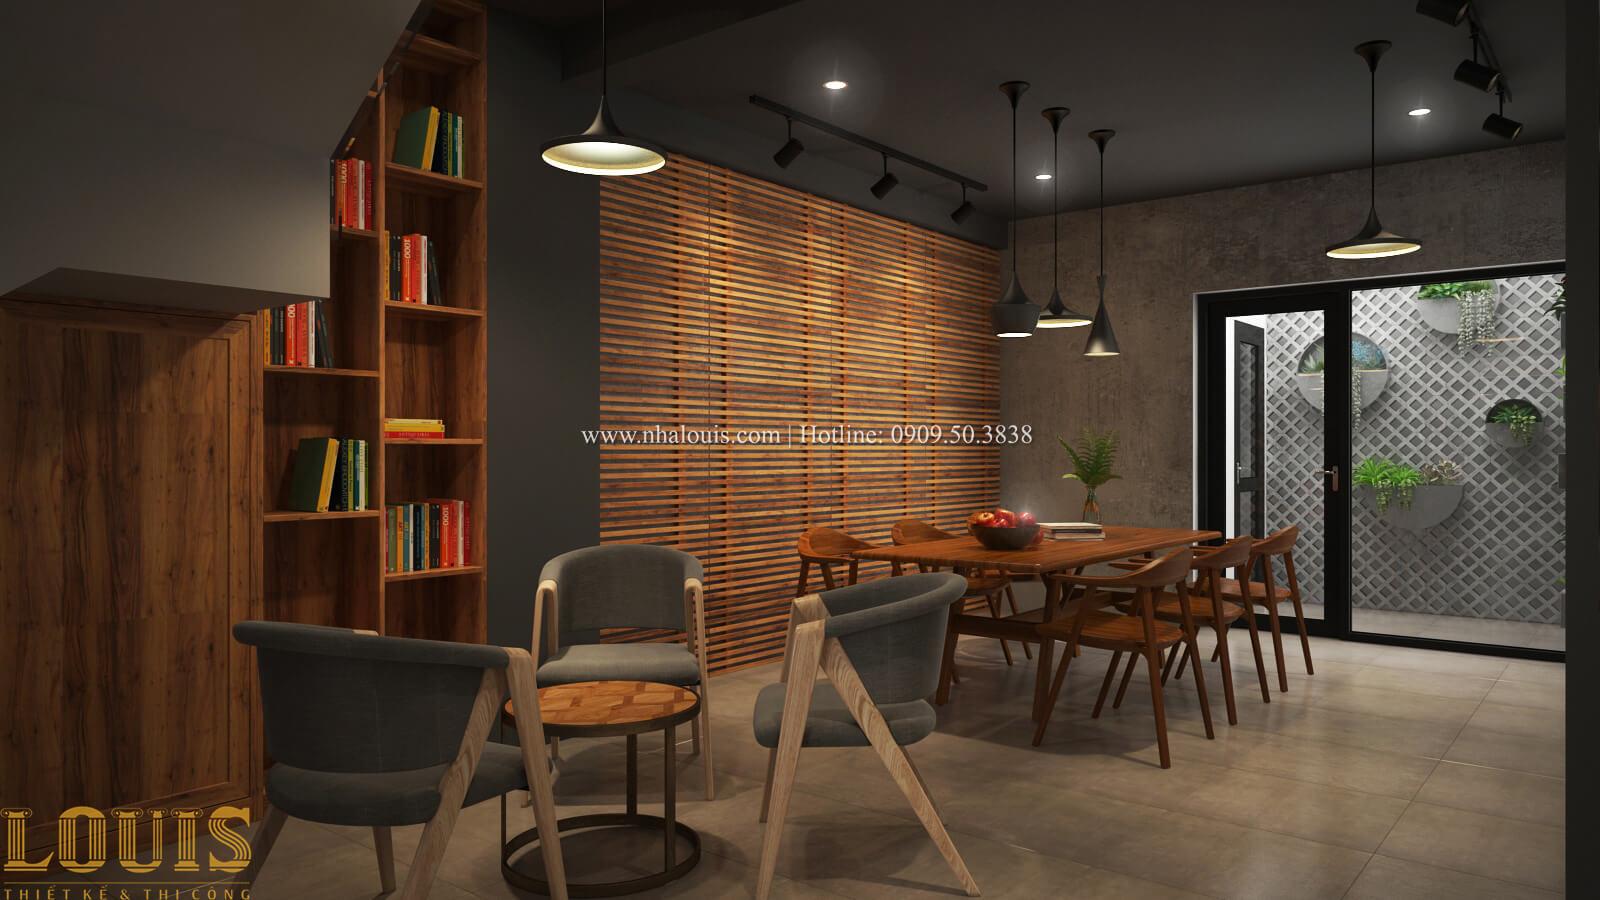 Phòng làm việc Tư vấn thiết kế mẫu nhà đẹp 4x20m hiện đại và sang trọng tại quận 8 - 21